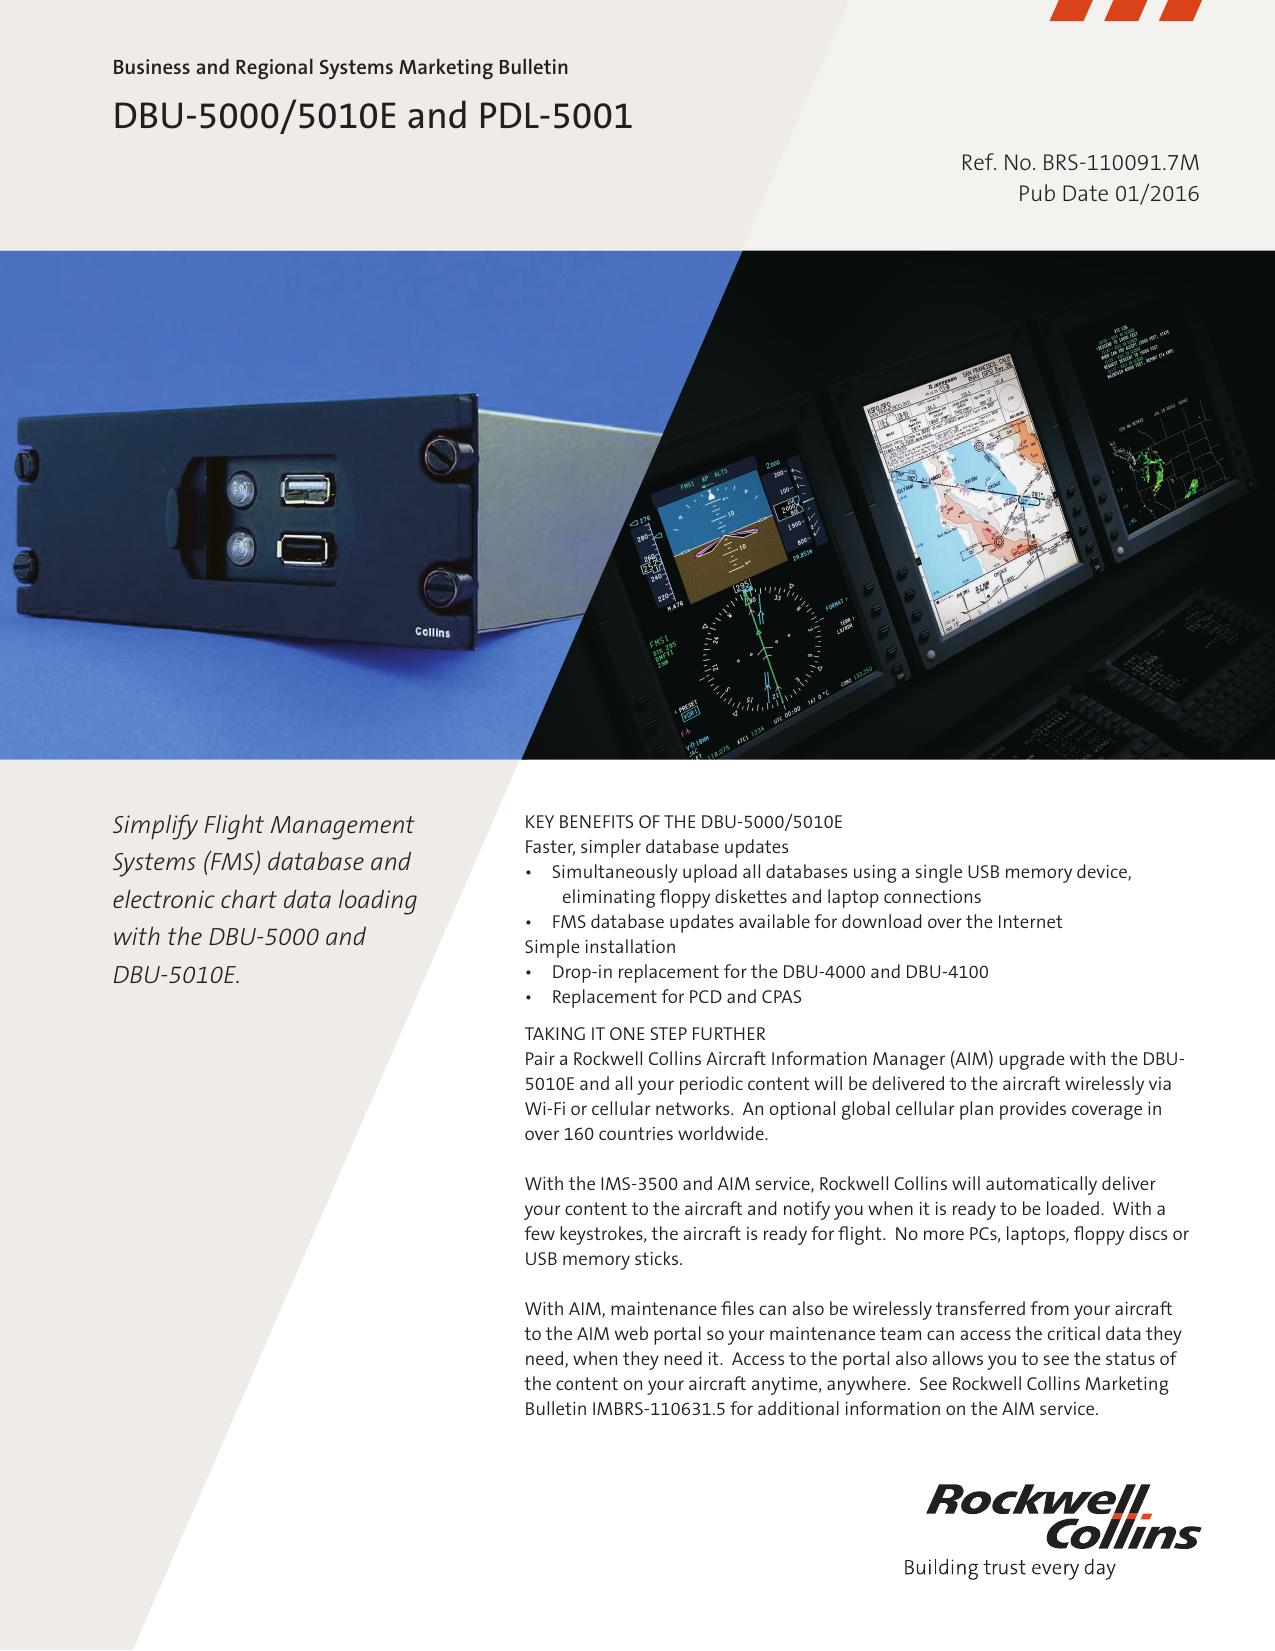 MB-DBU-5000-5010E BRS110091-3M 01-2014